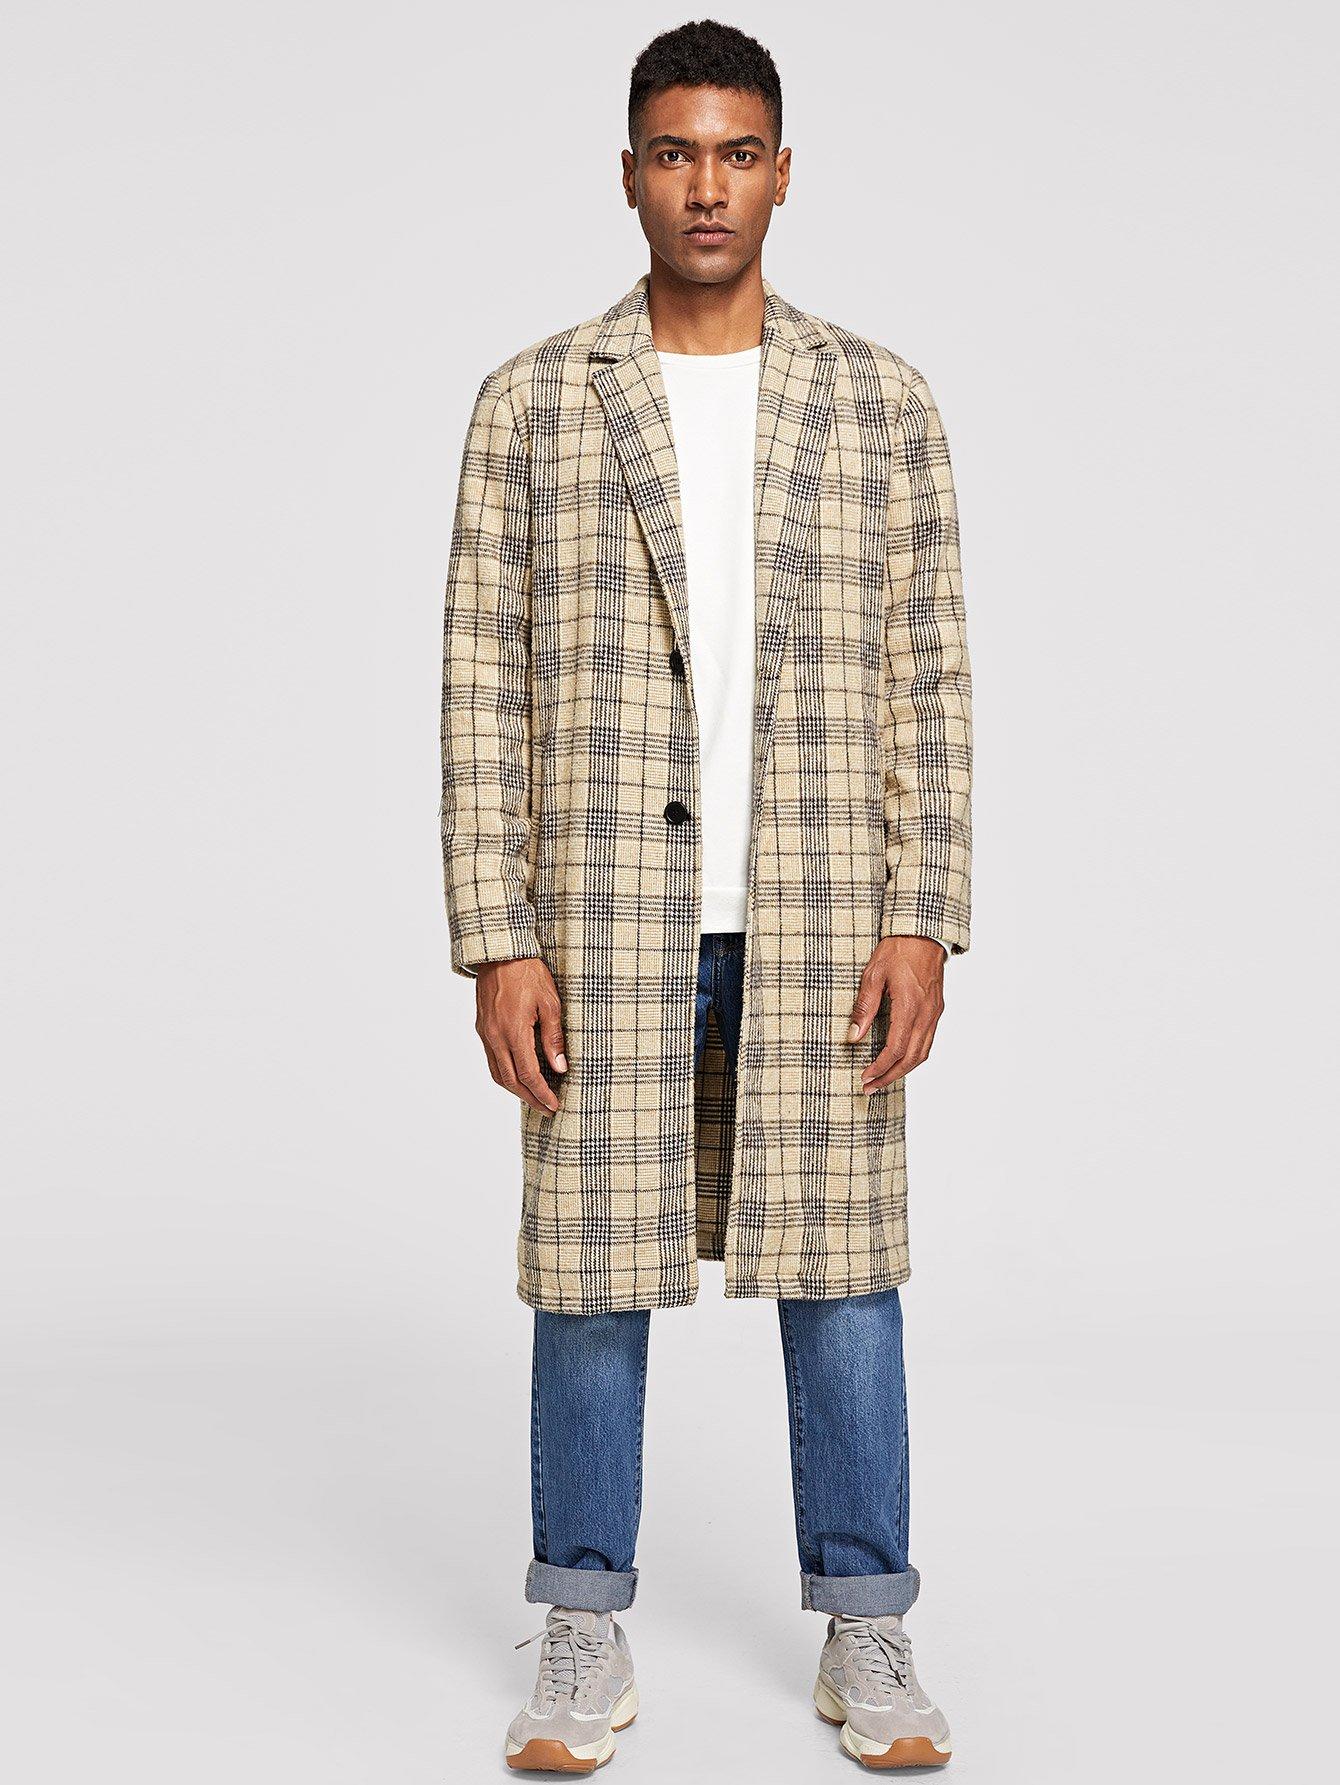 Купить Мужское пальто в клетку с зазубренным воротником и украшением пуговицы, Johnn Silva, SheIn